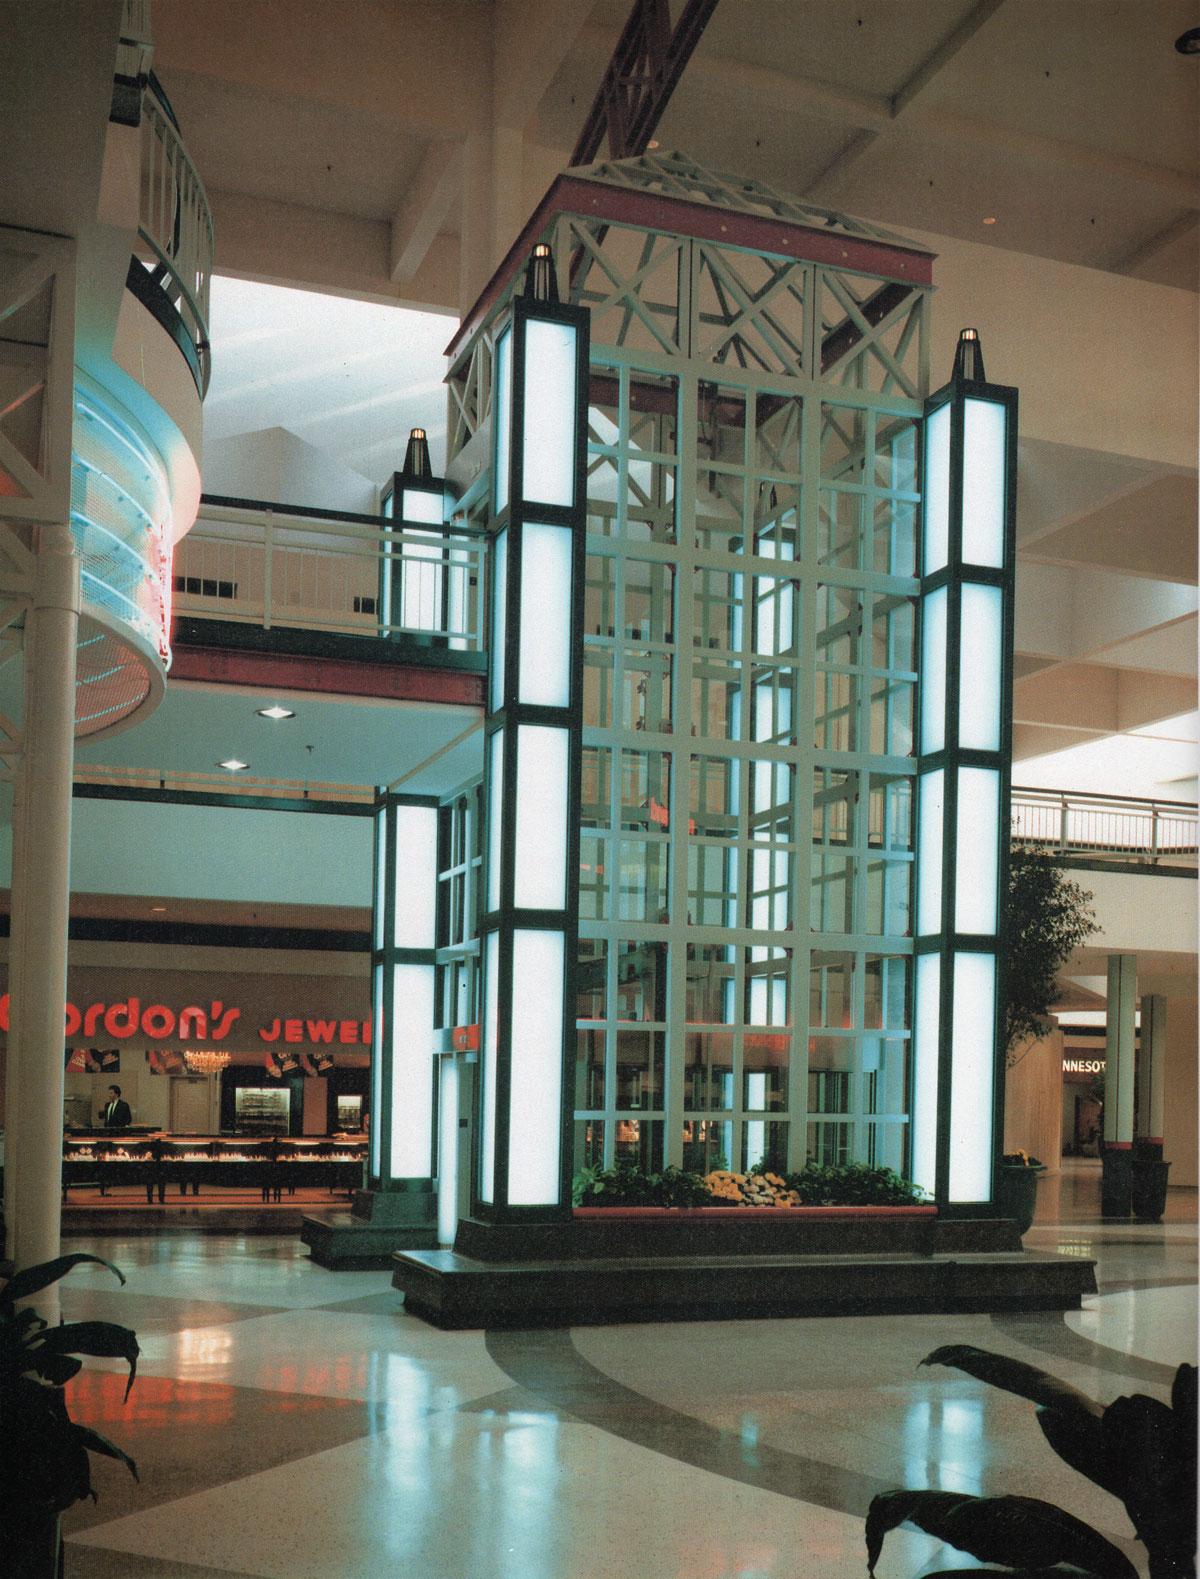 Elevator Eden Prairie Mall